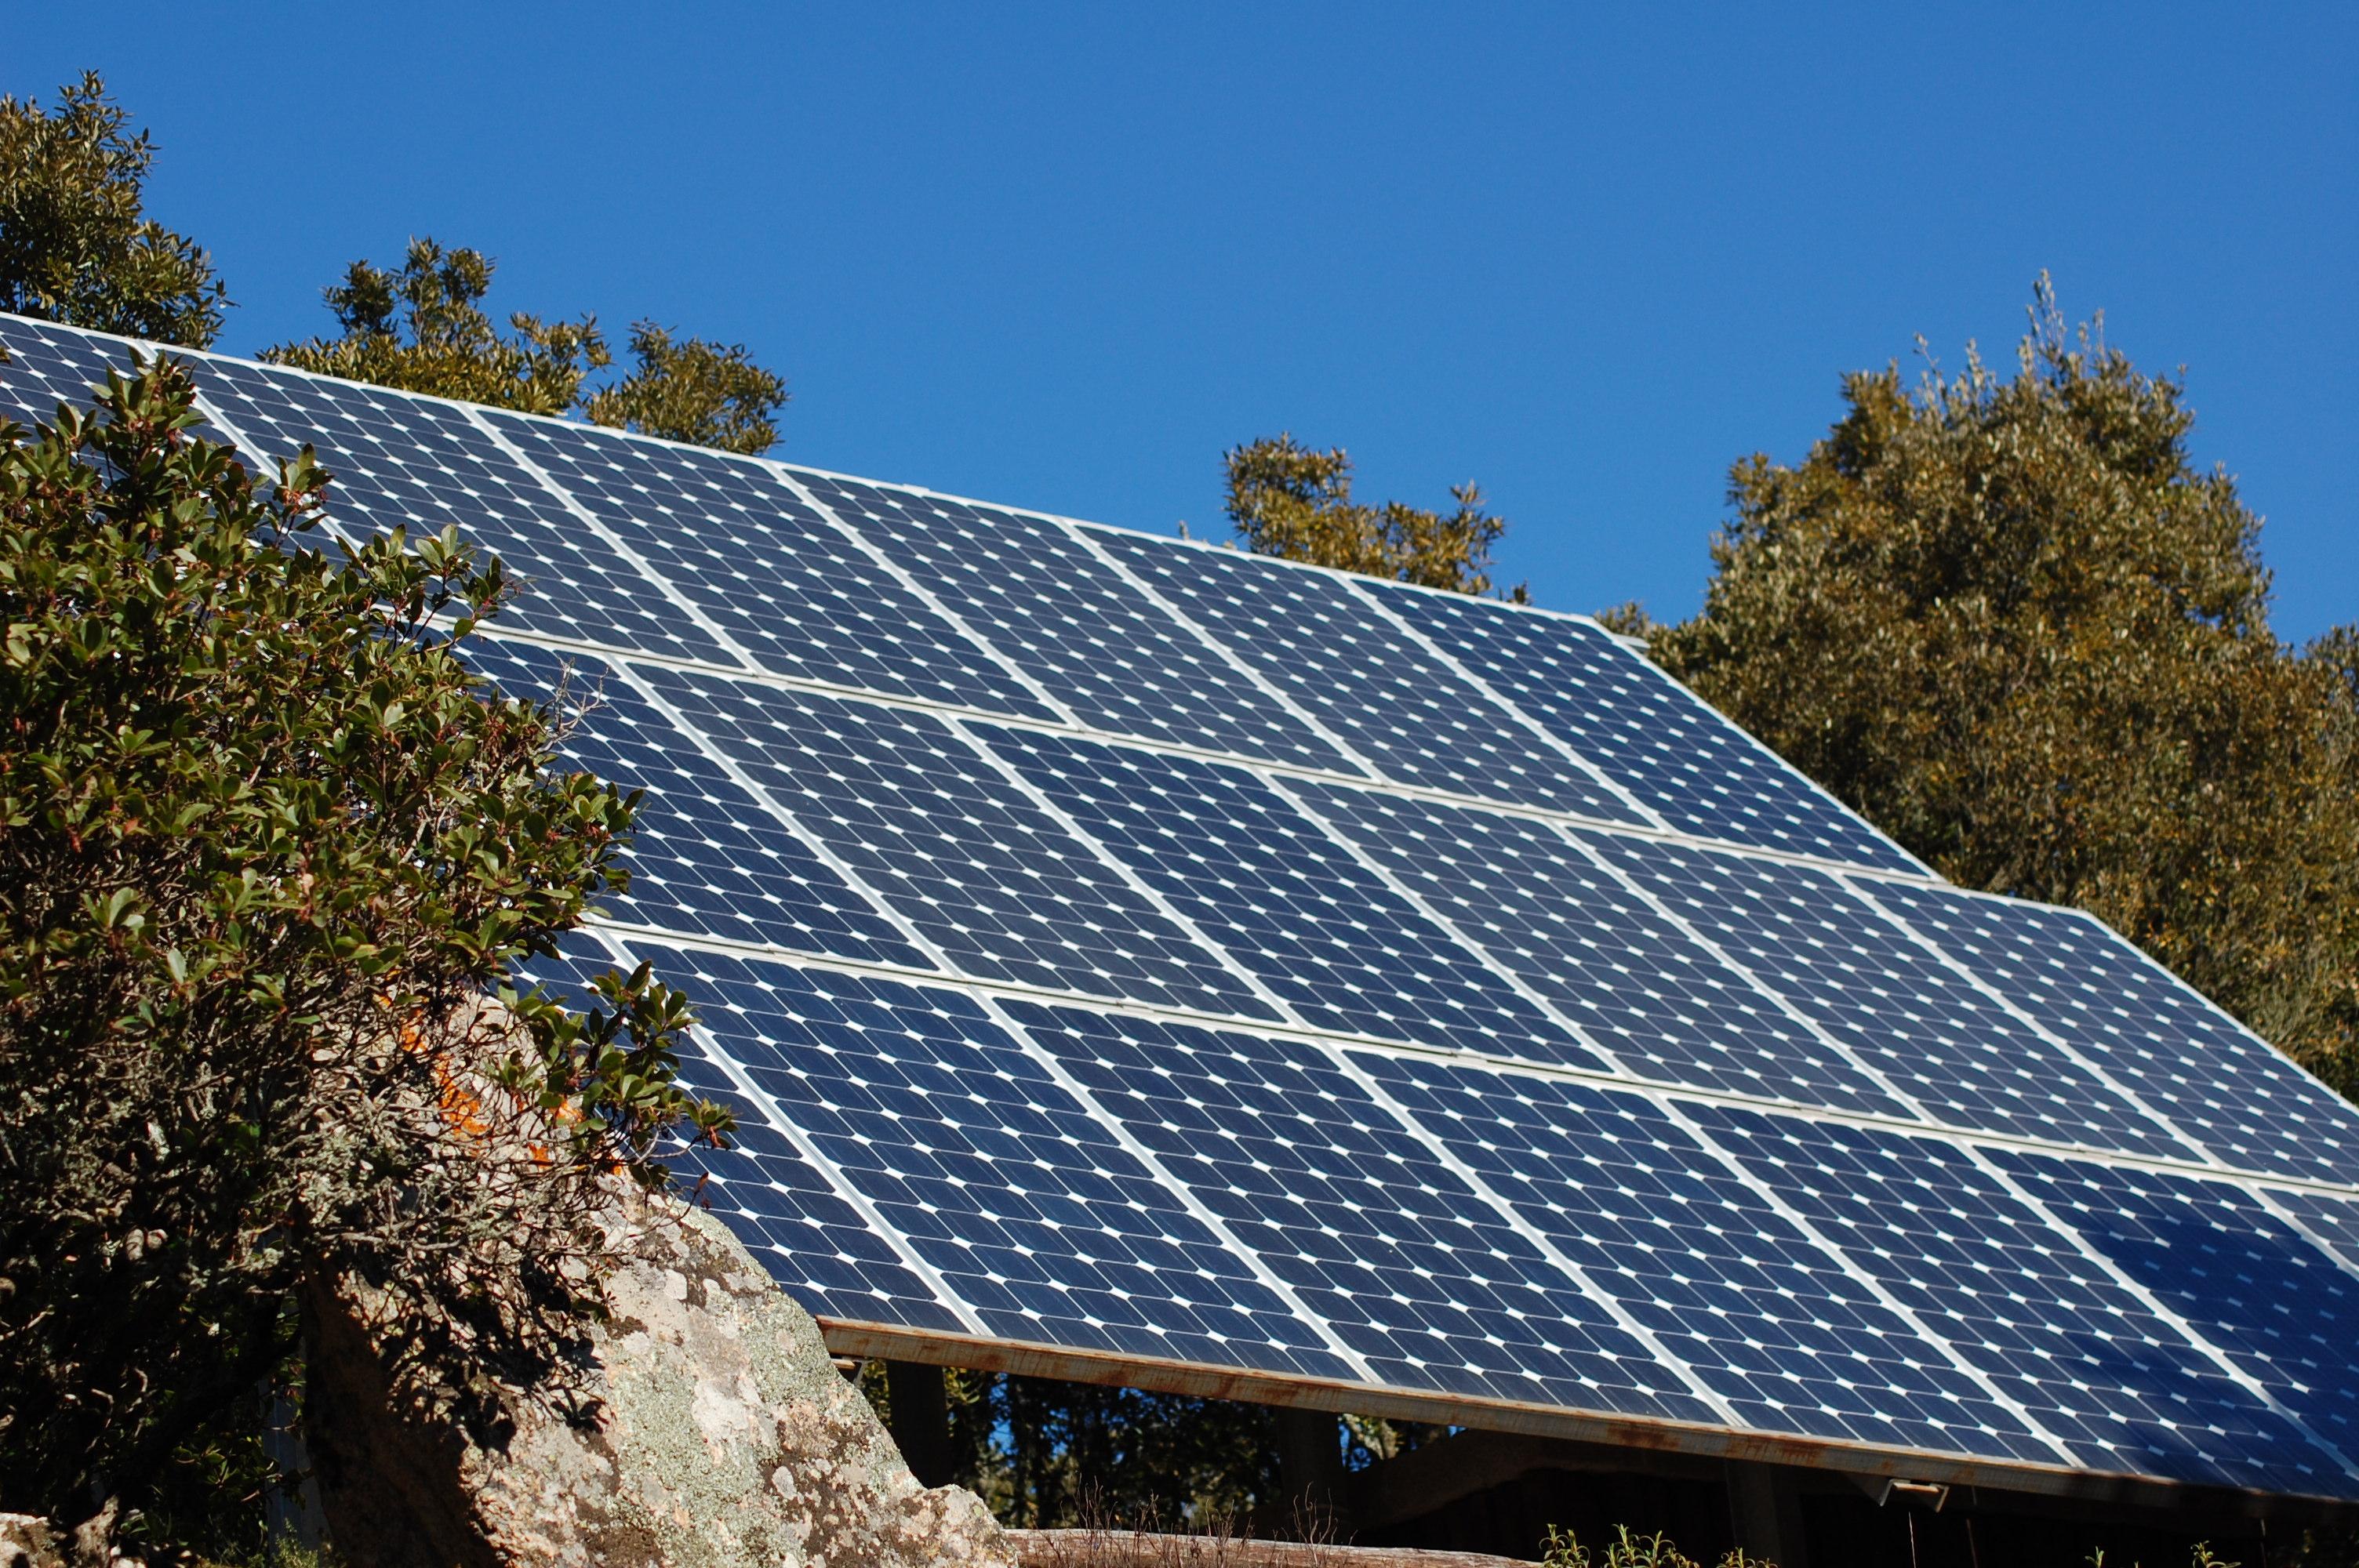 Aria Nel Pannello Solare : Ancora in crescita la produzione energetica da fonte